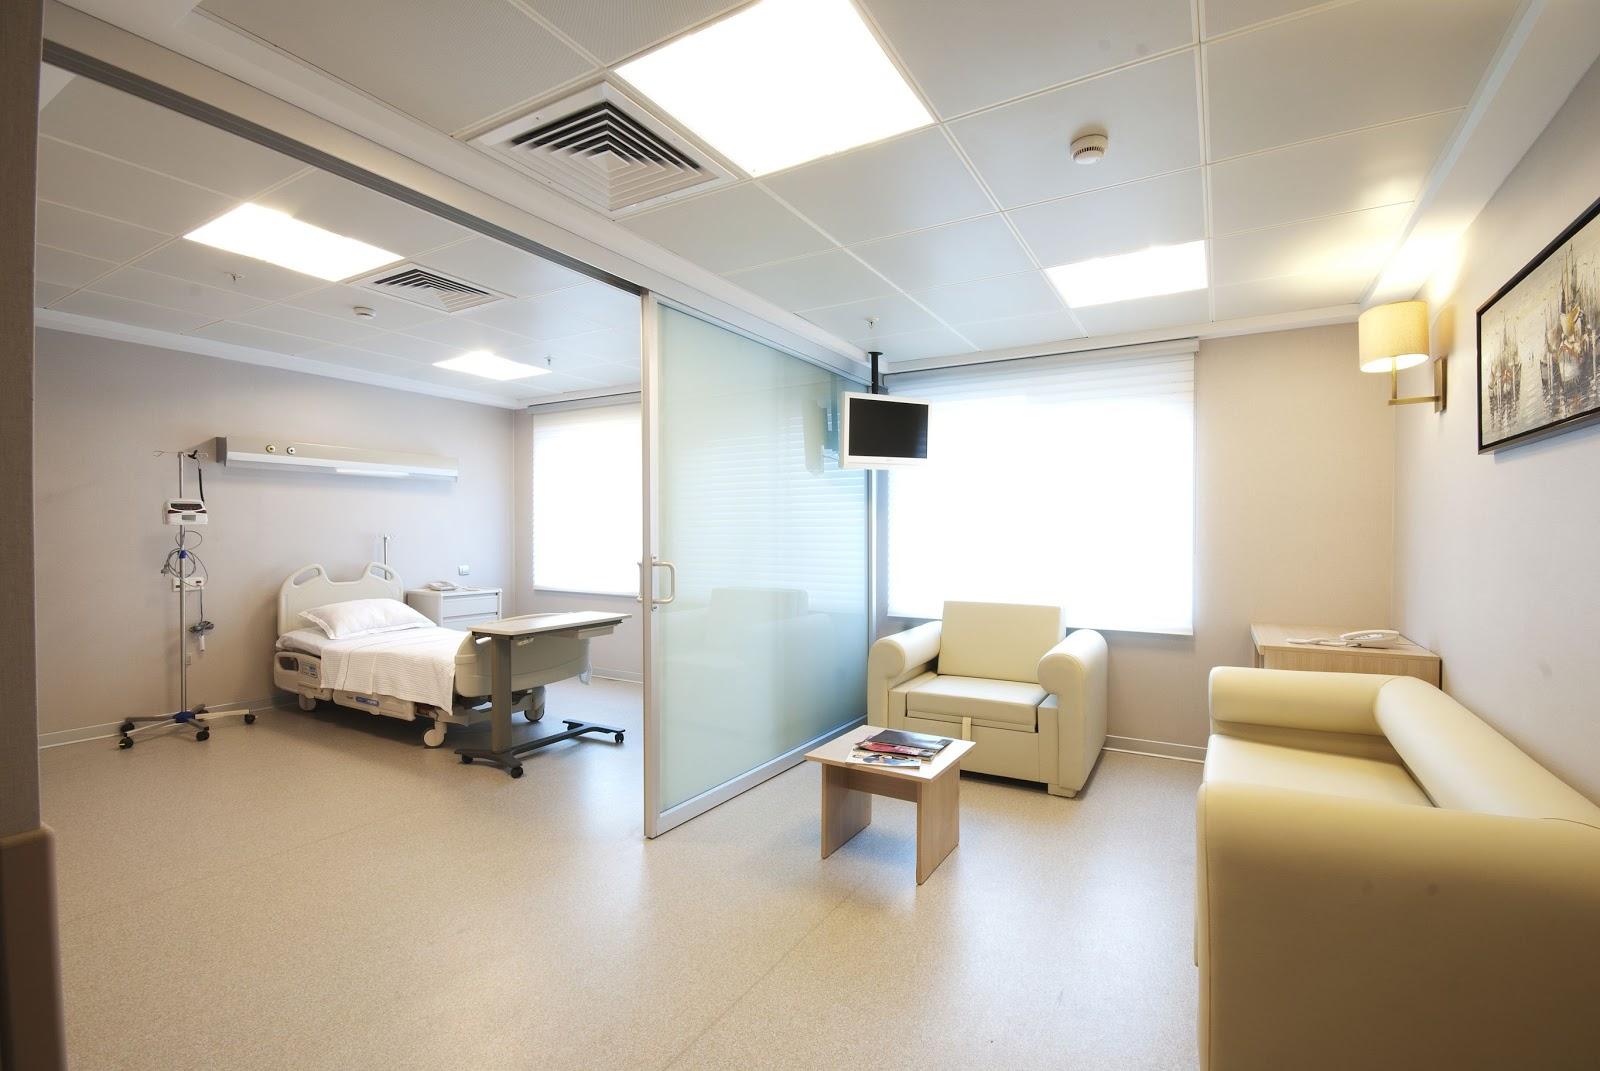 Hiện đại hóa kiến trúc bệnh viện với các vật liệu xây dựng mới